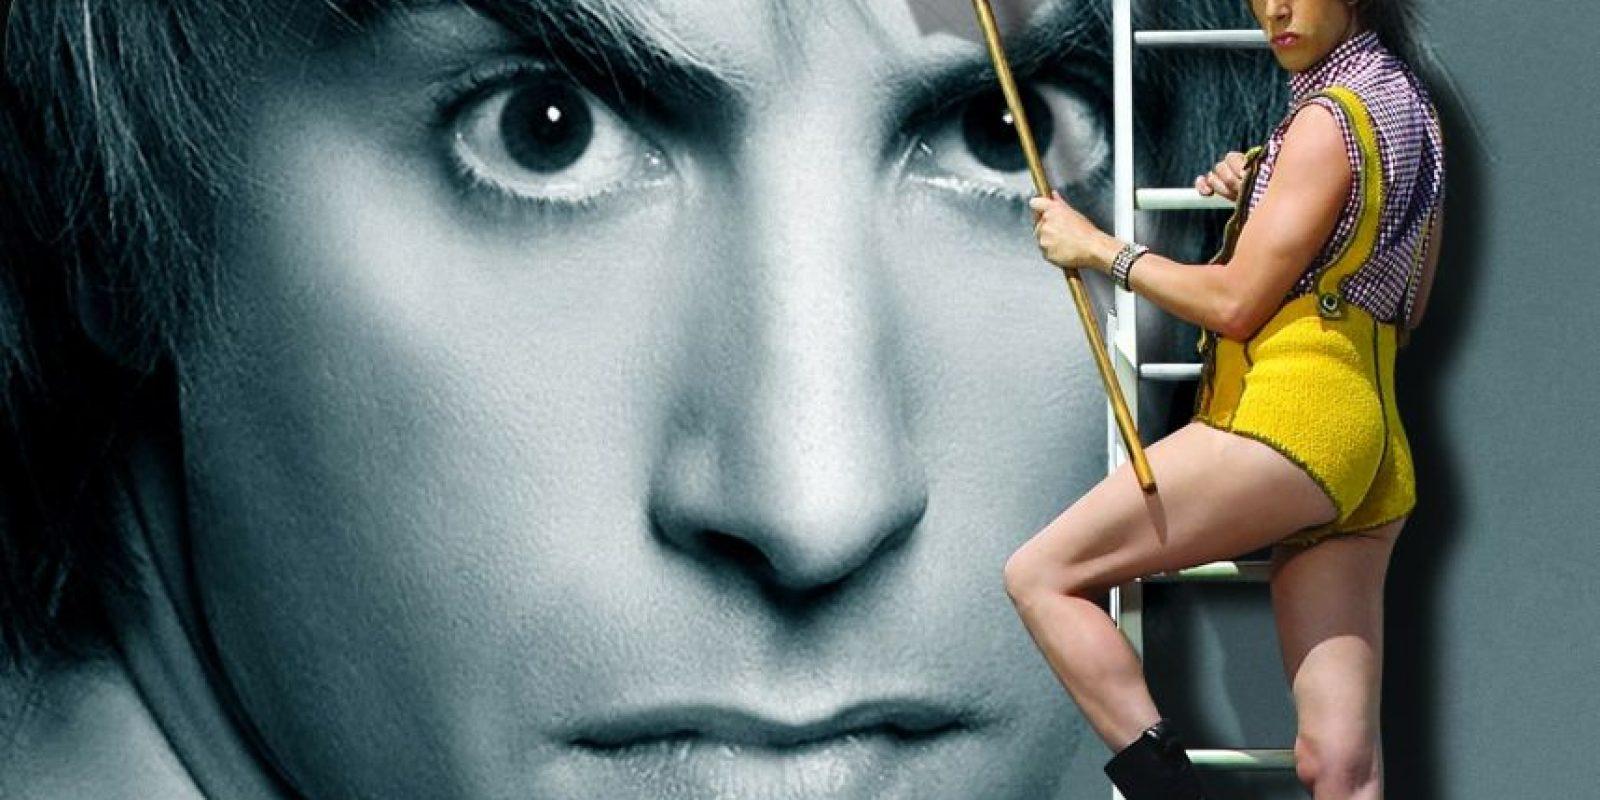 US$25 millones no son suficientes para que Sacha Baron Cohen vuelva a encarnar los papeles de Borat y Brüno en el cine. Foto:Agencias